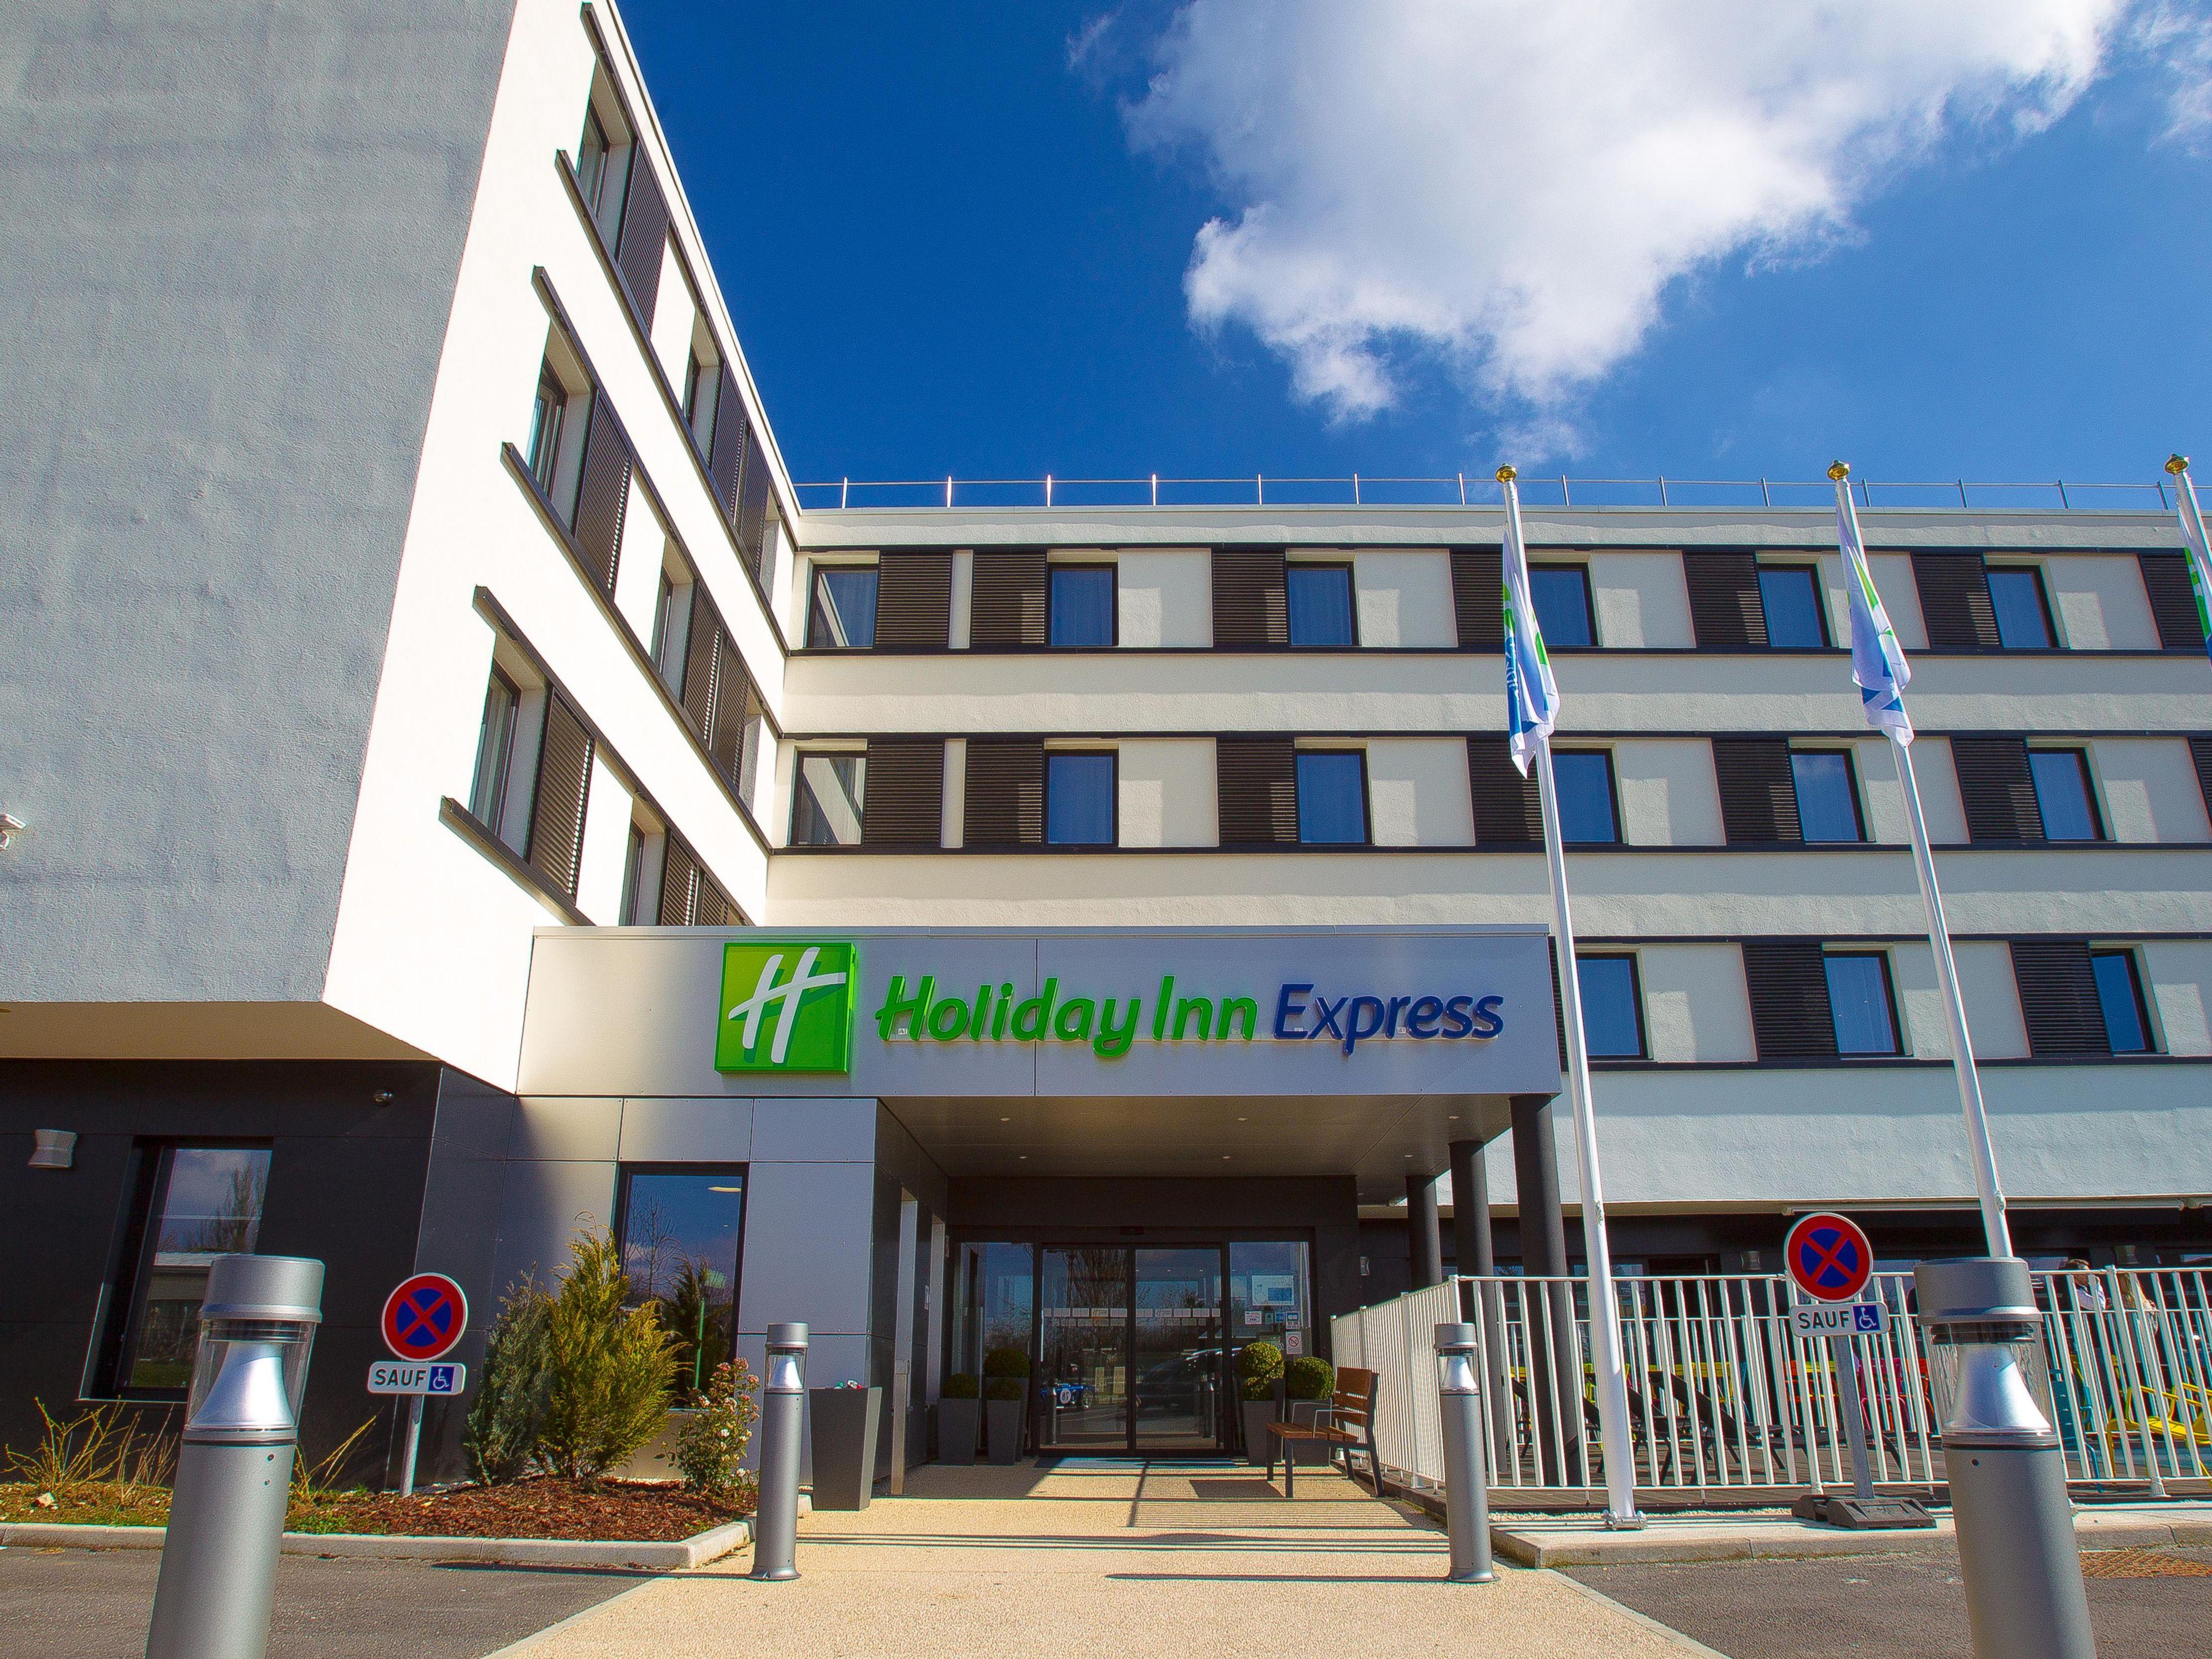 Holiday Inn Express  U7b2c U620e  U6d32 U9645 U9152 U5e97 U96c6 U56e2 U65d7 U4e0b U9152 U5e97